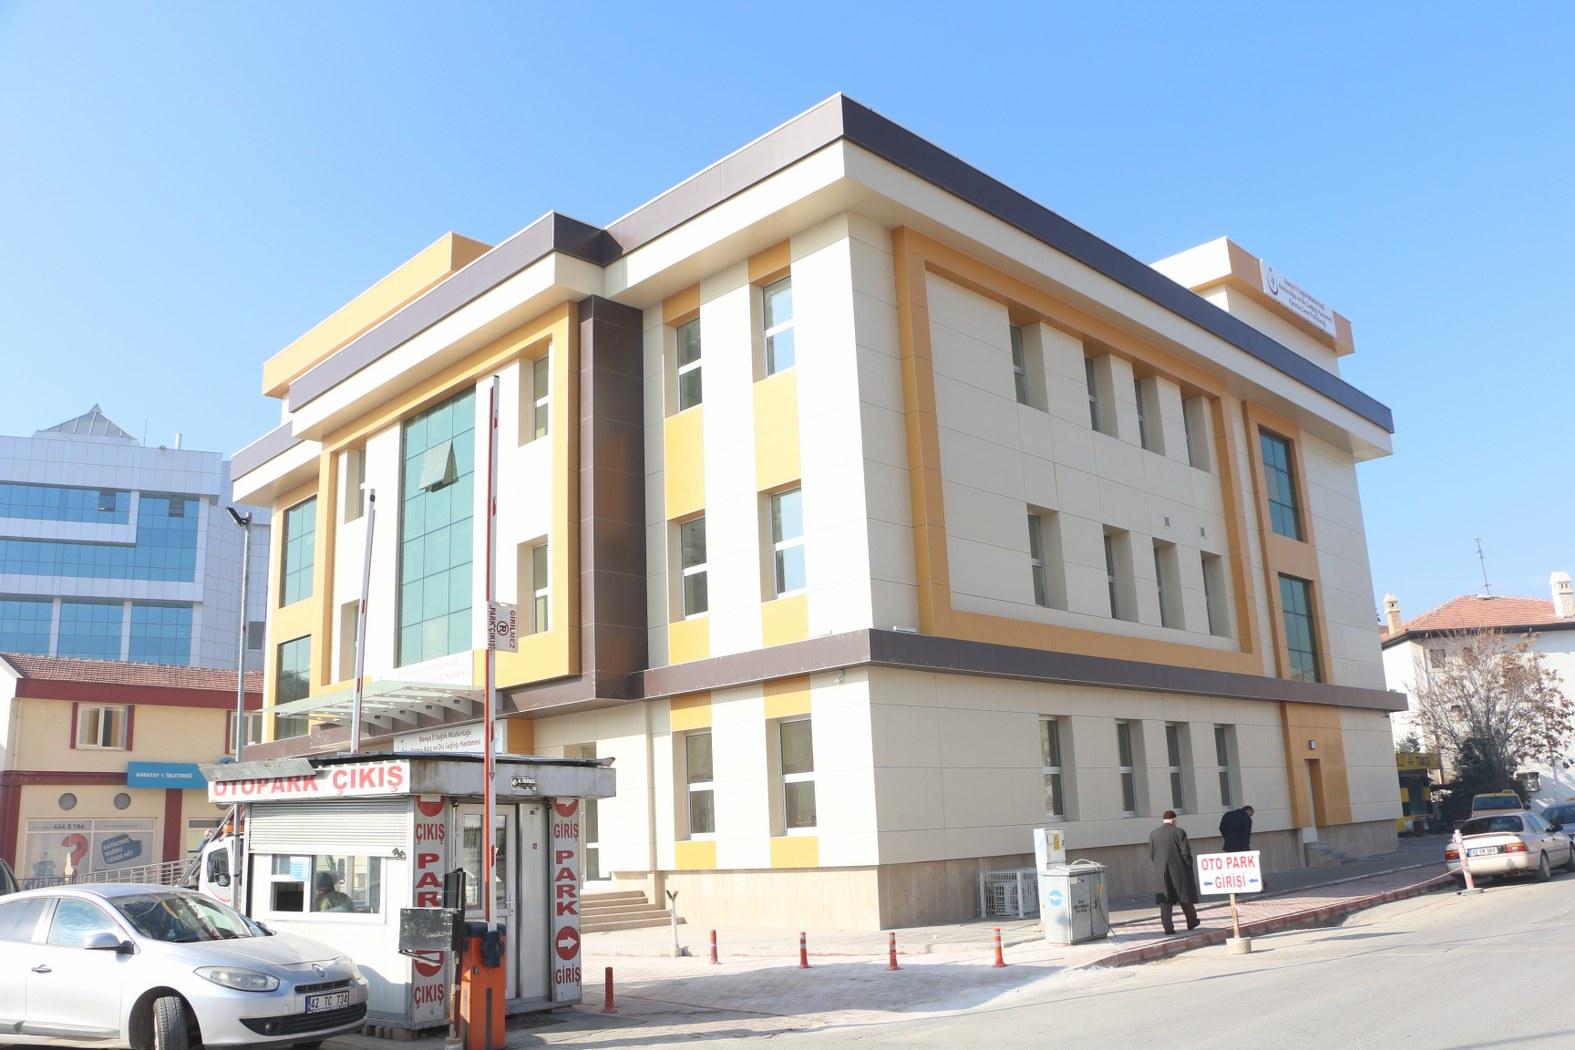 Karatay Belediyesi Ağız ve Diş Sağlığı Merkezi'nin yapımı tamamlandı